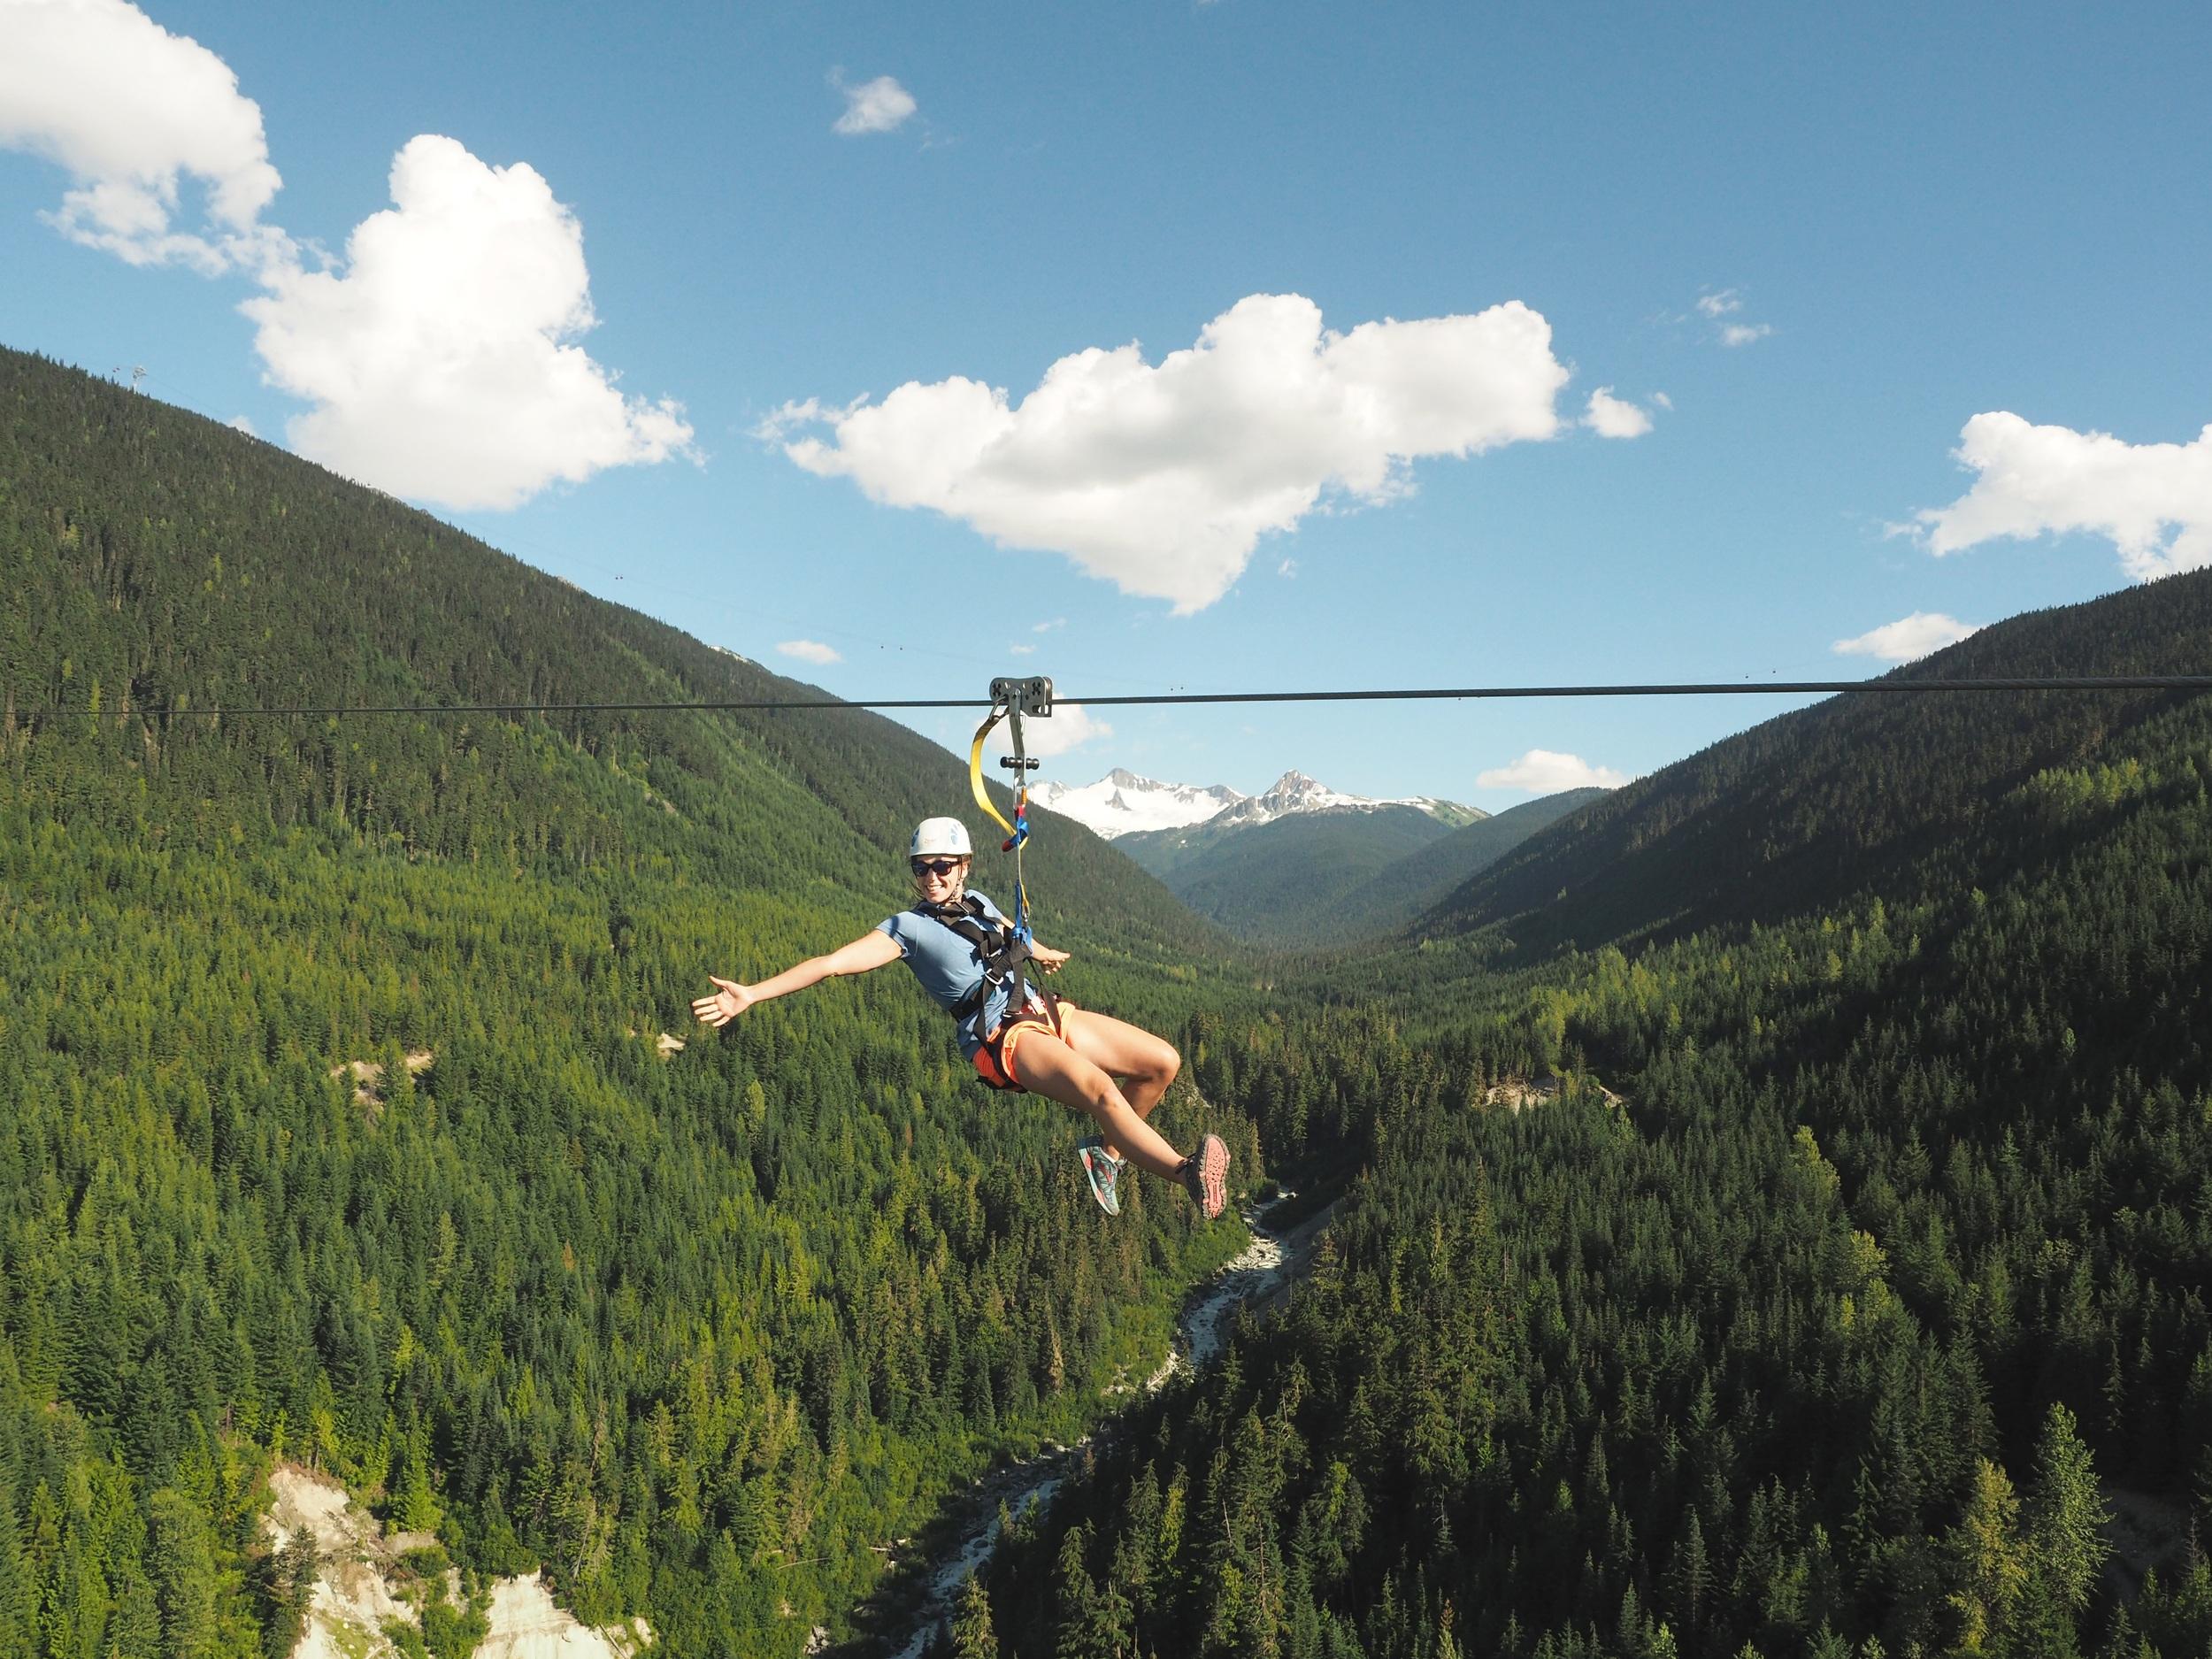 Zip-lining in Whistler with Ziptrek